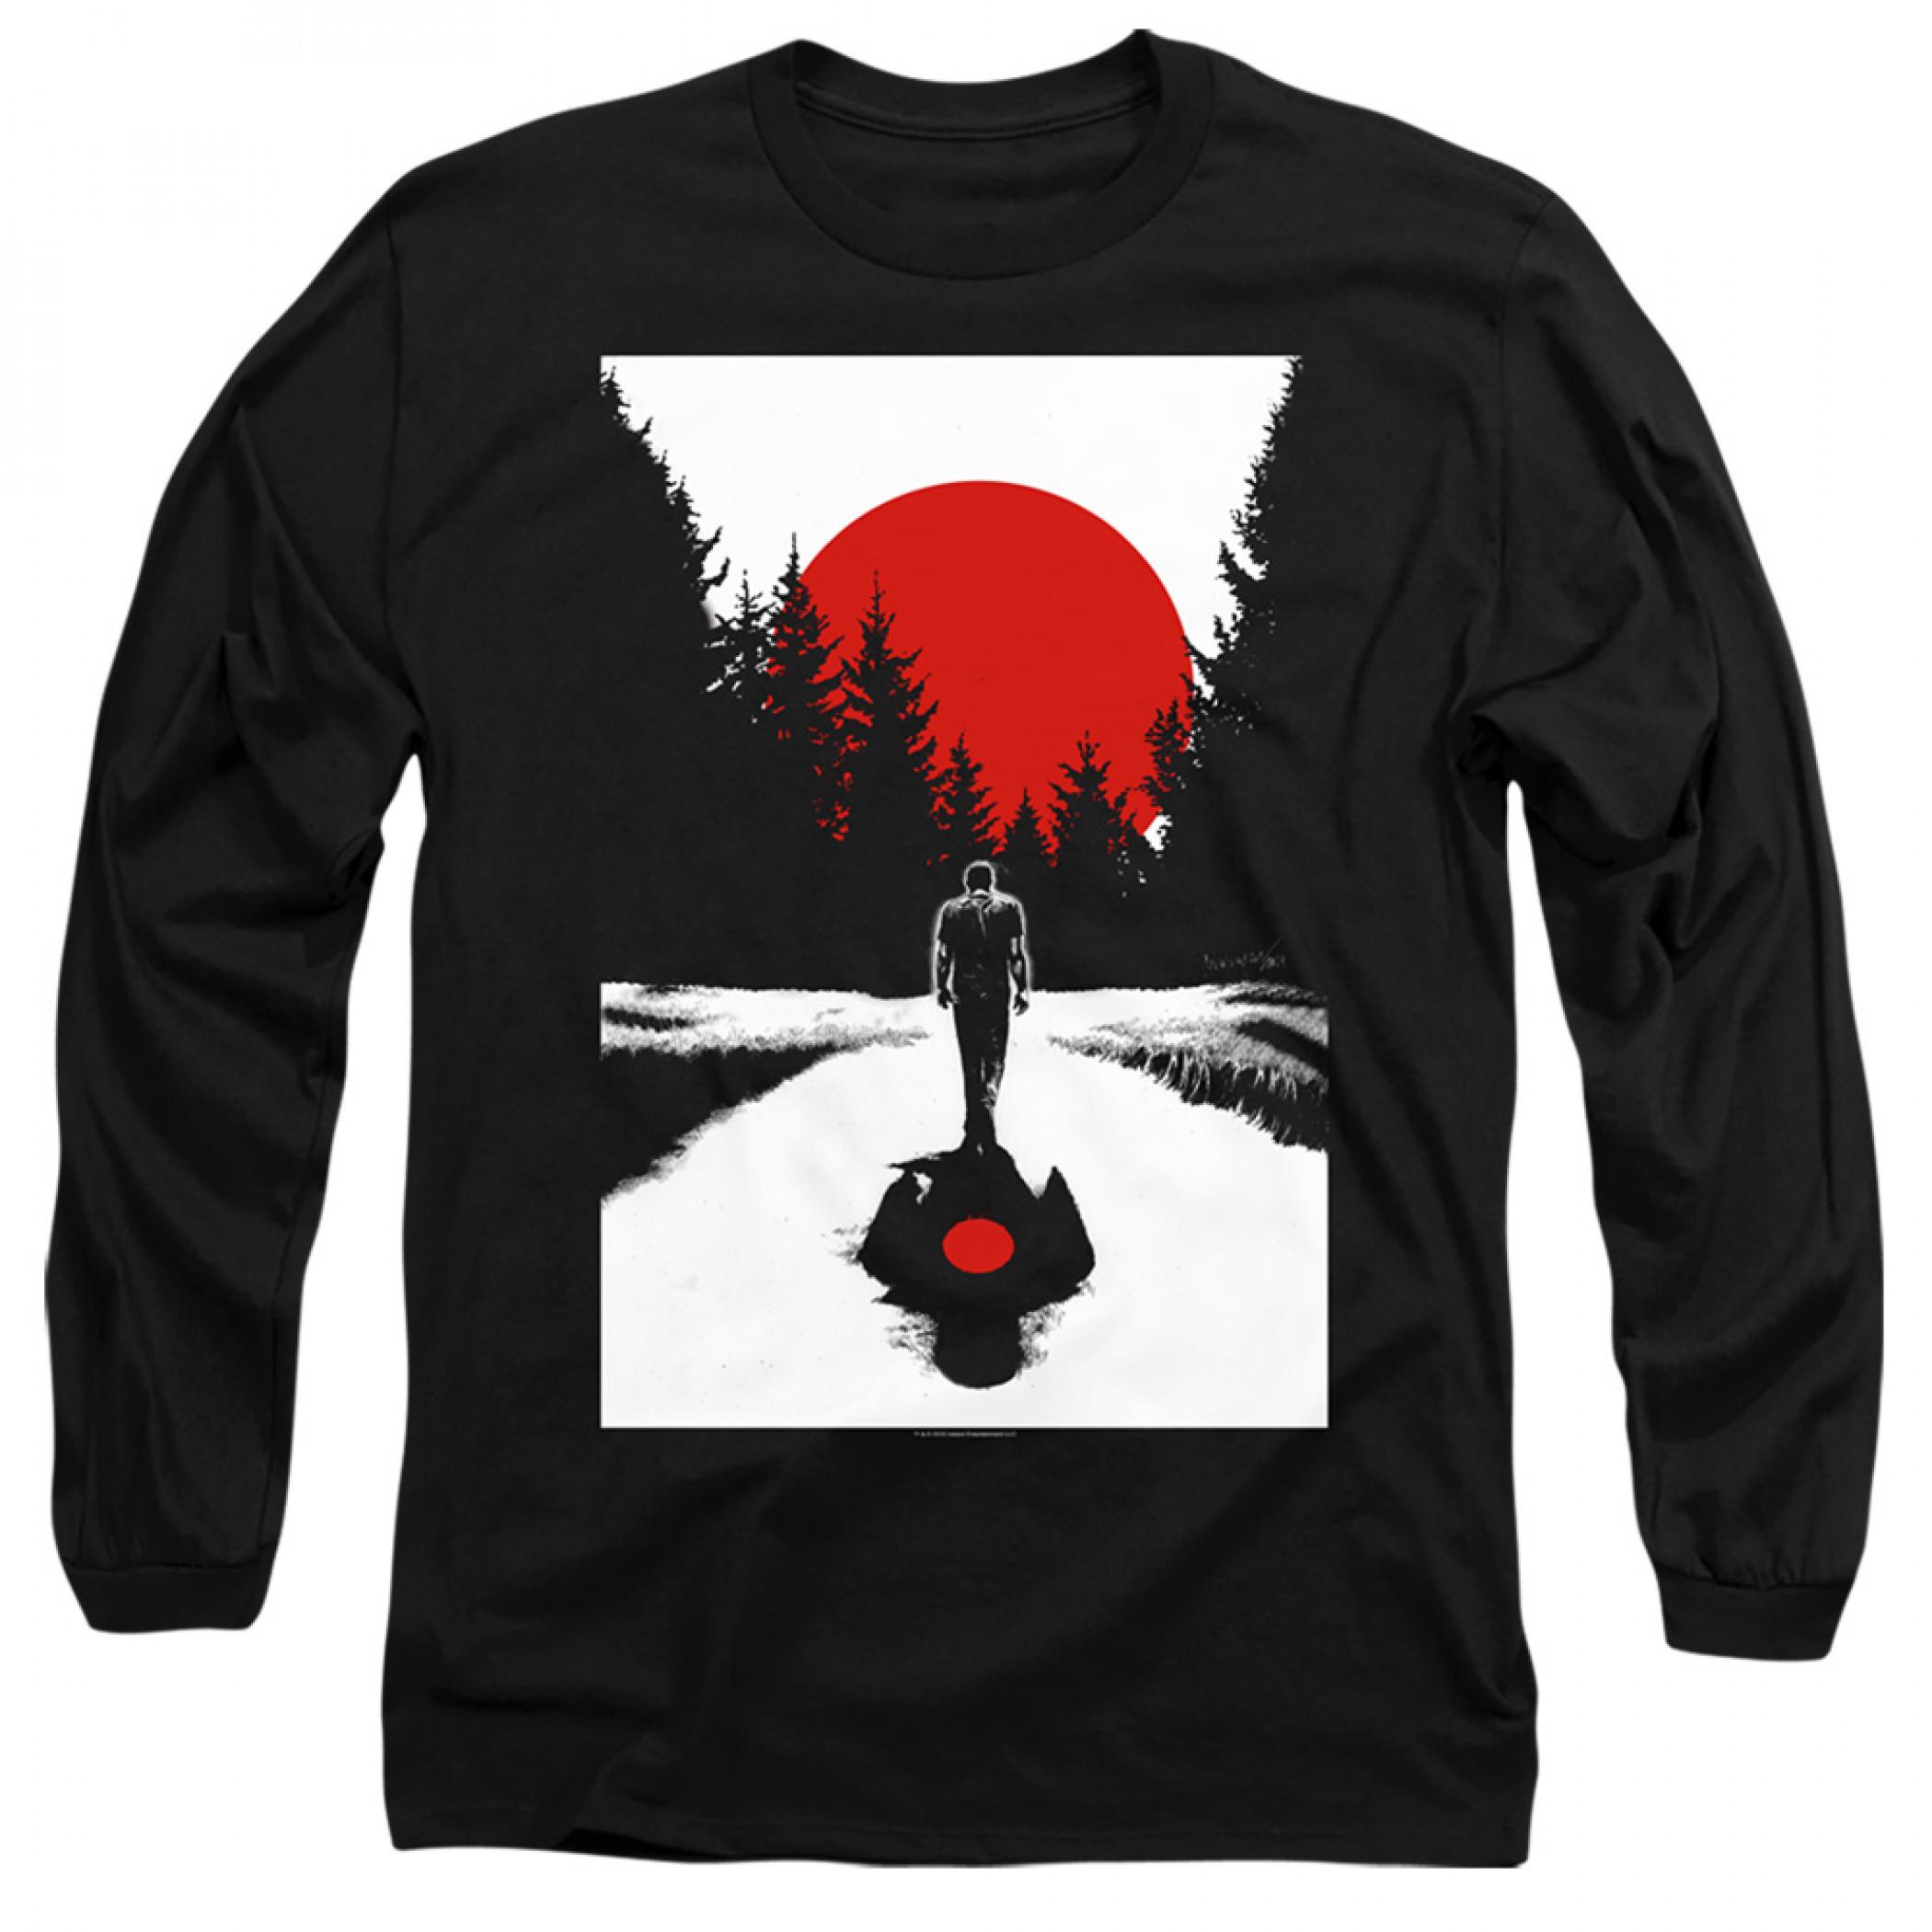 Bloodshot Woods Long Sleeve Shirt